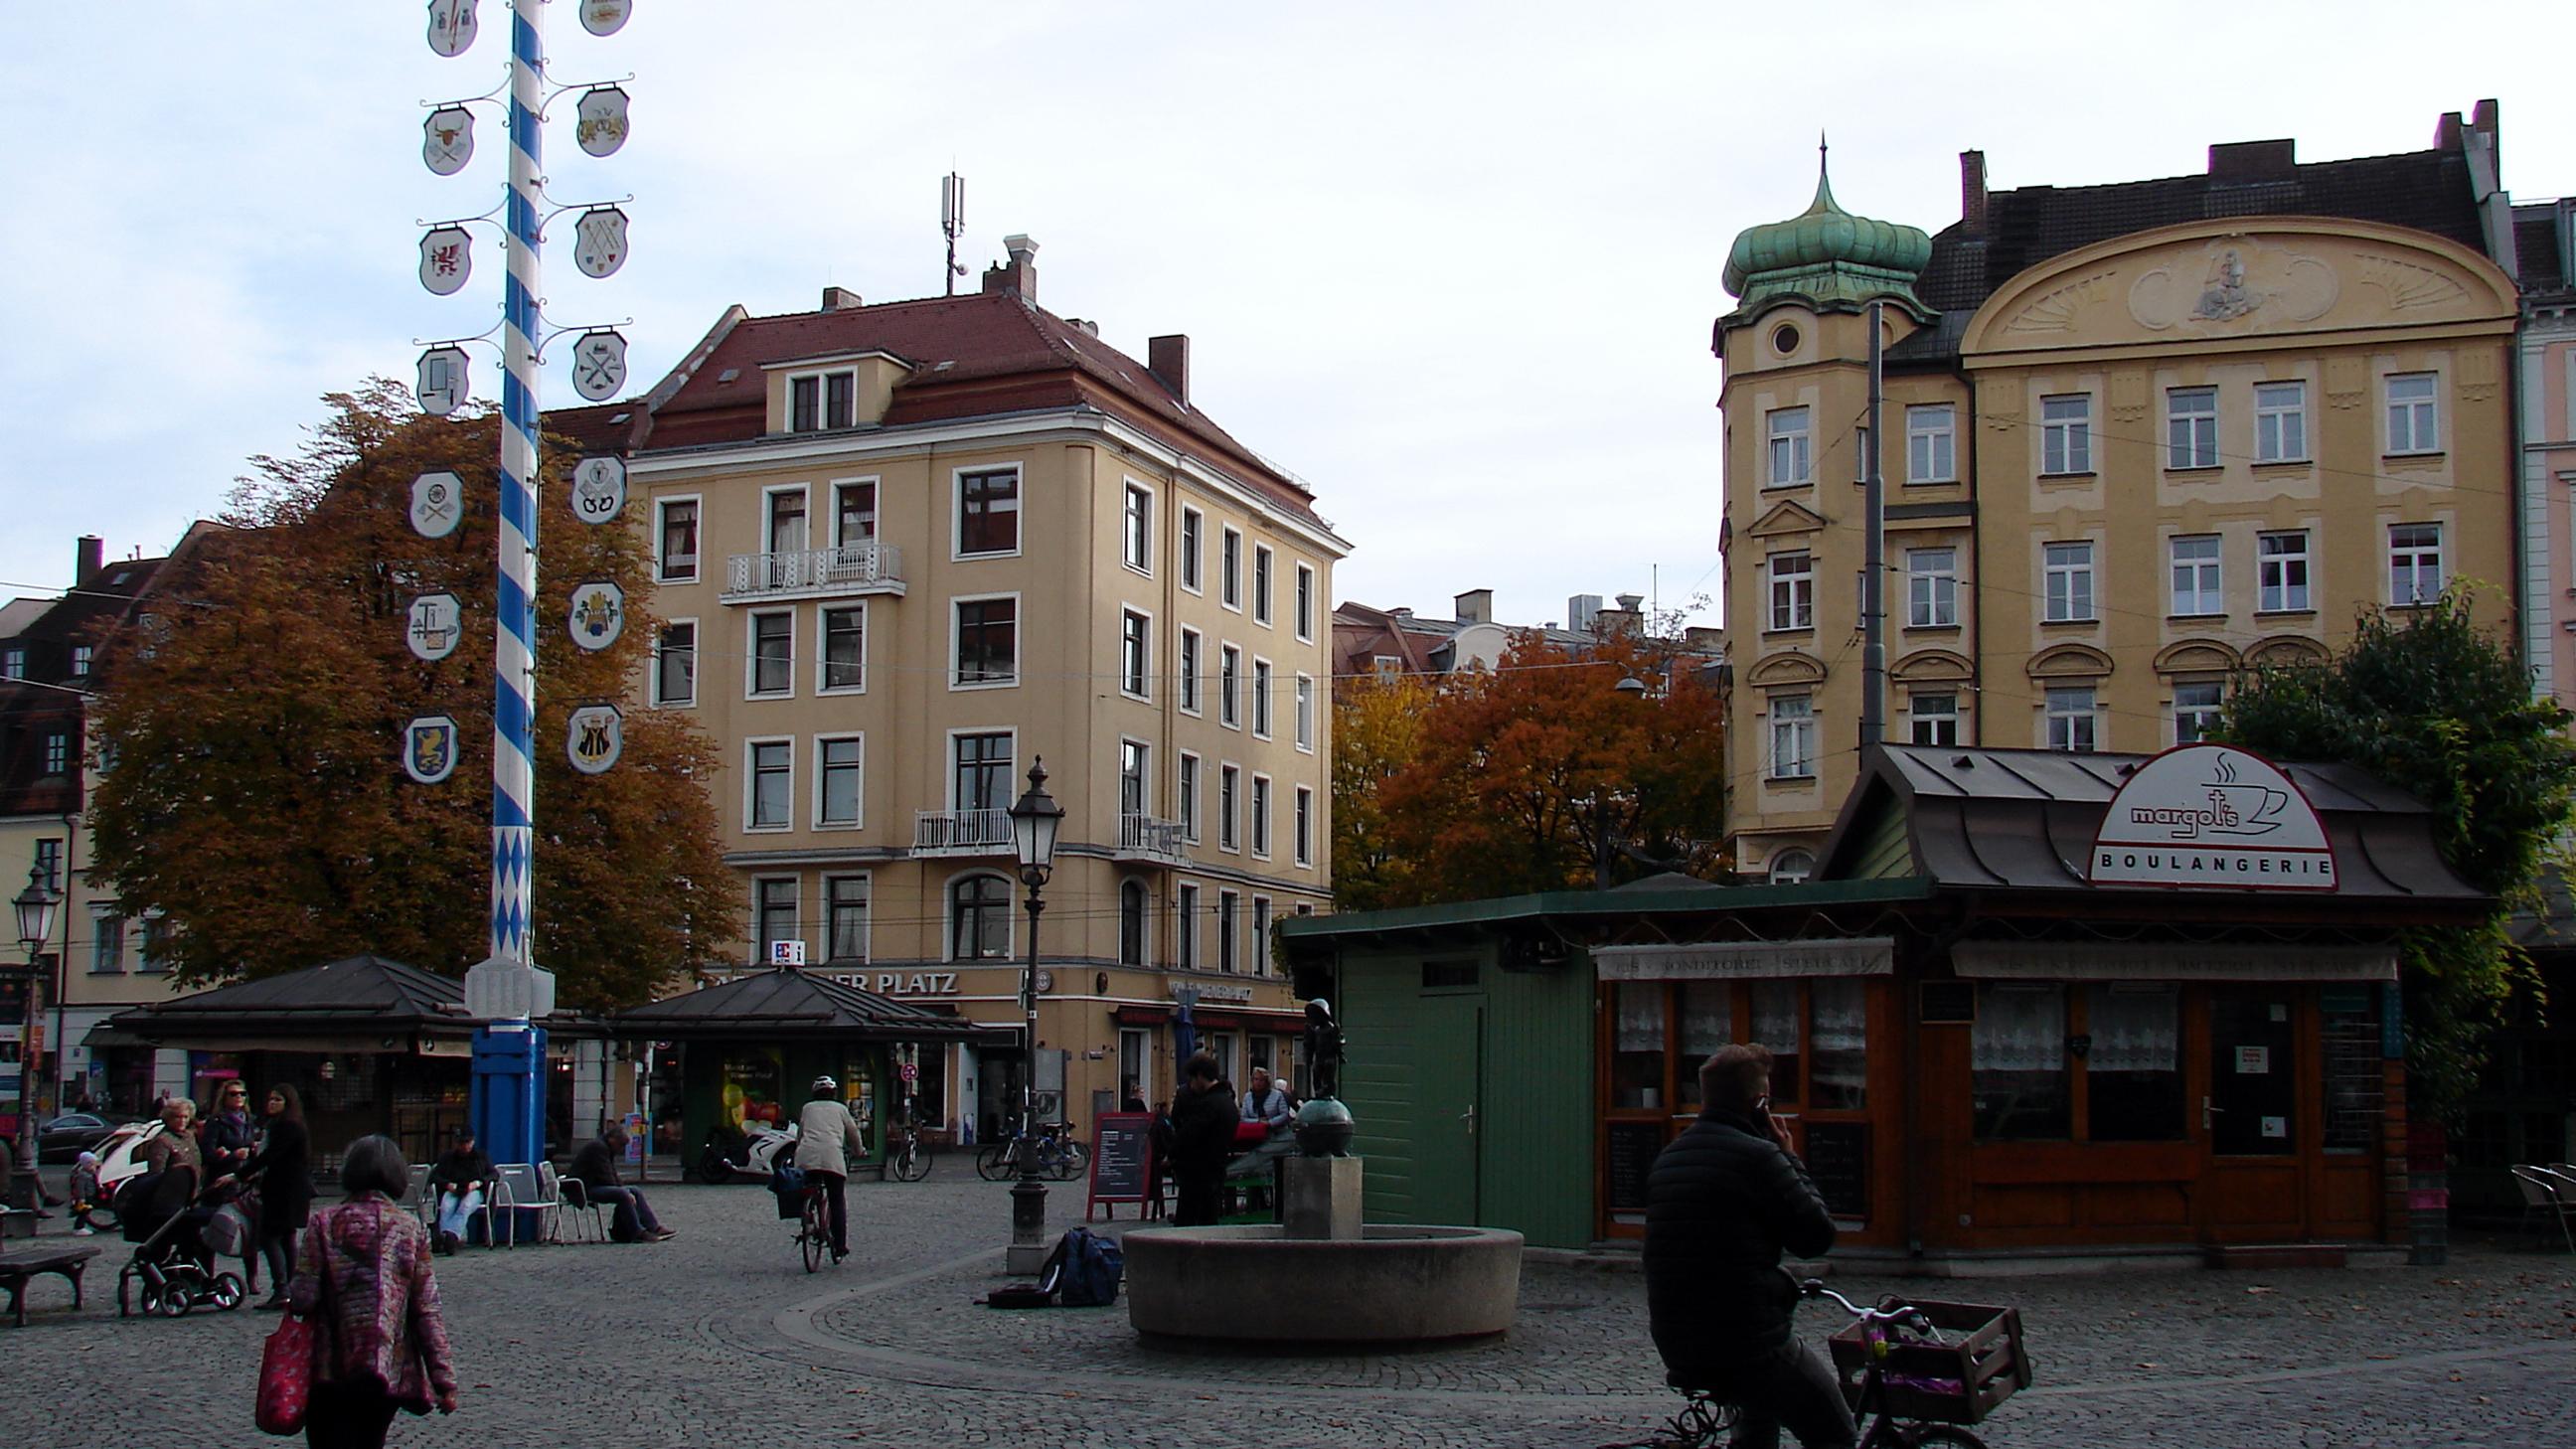 St Platz München file wiener platz münchen 01 jpg wikimedia commons